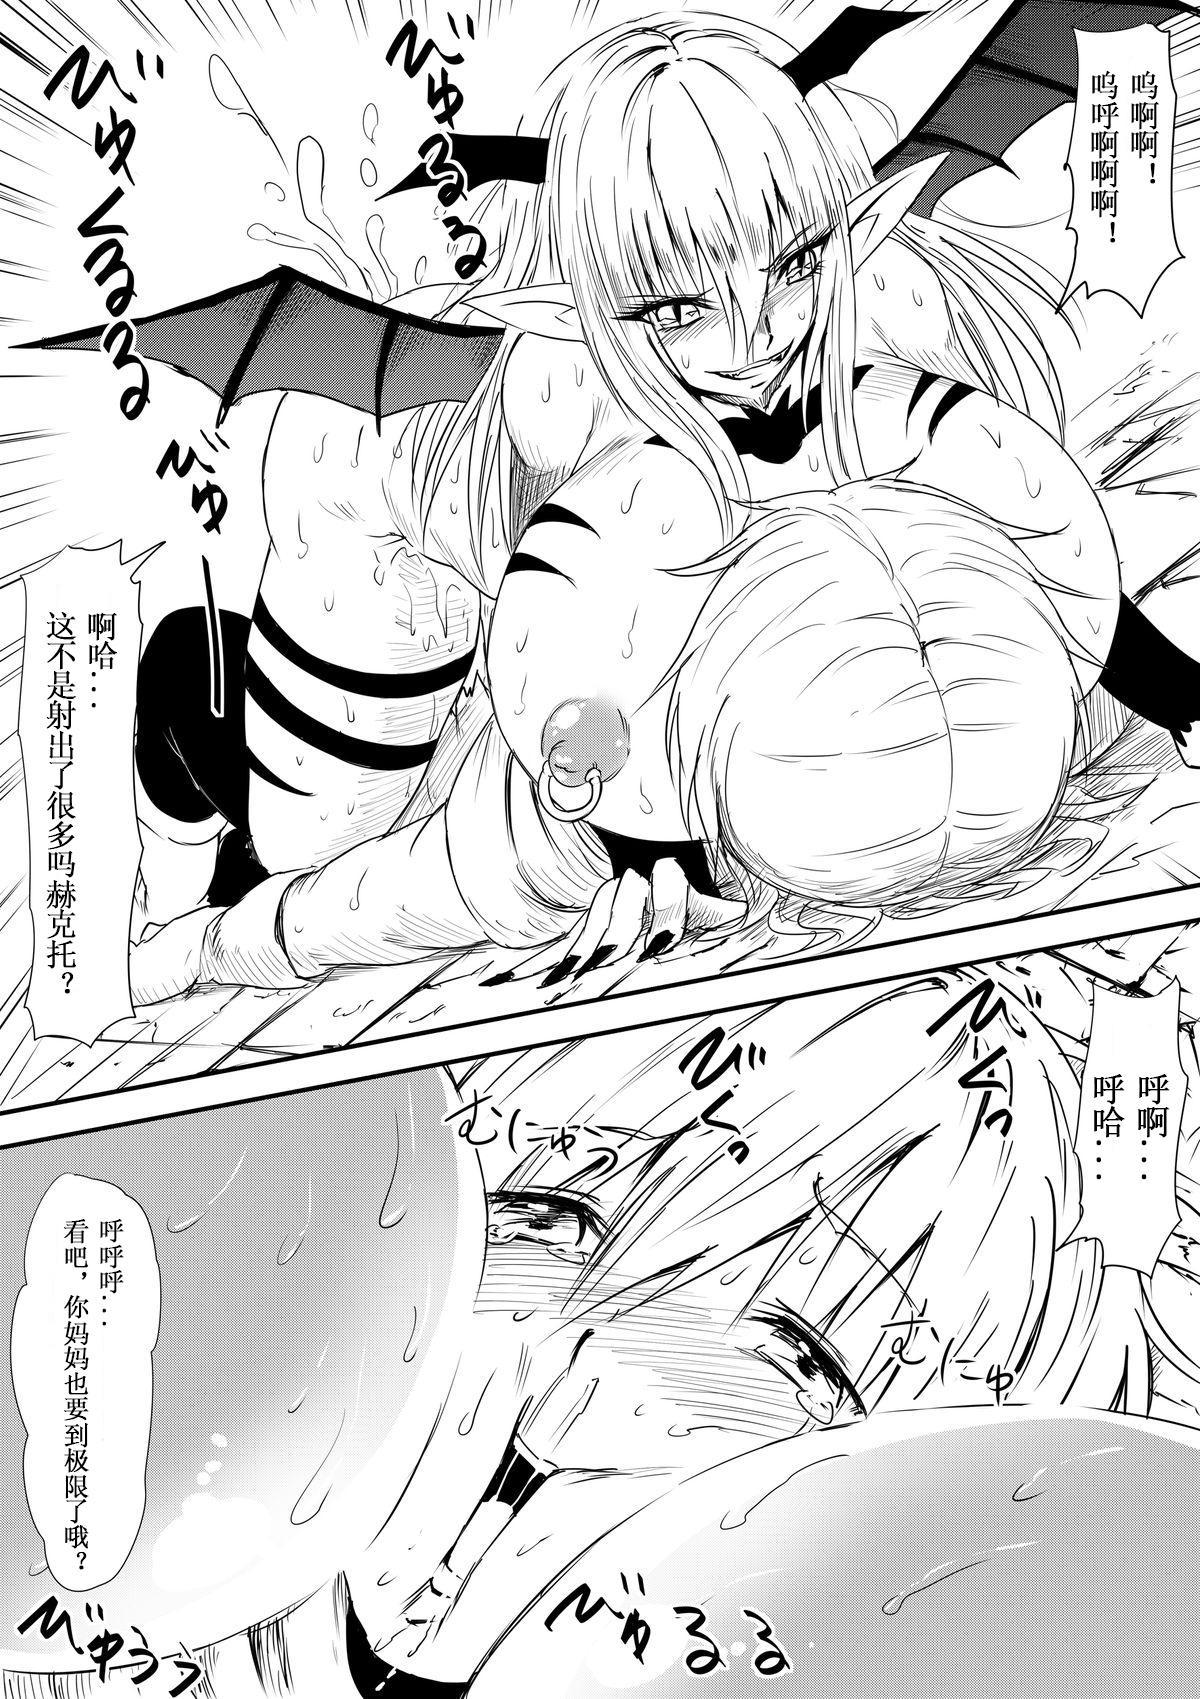 Kyuuketsuki ni Kanzen Haiboku Shita Vanpire Hunter Oyako ga Musuko no Mae de Okasare Kyuuketsuki-ka Shite Shimau Haha no Hanashi 29